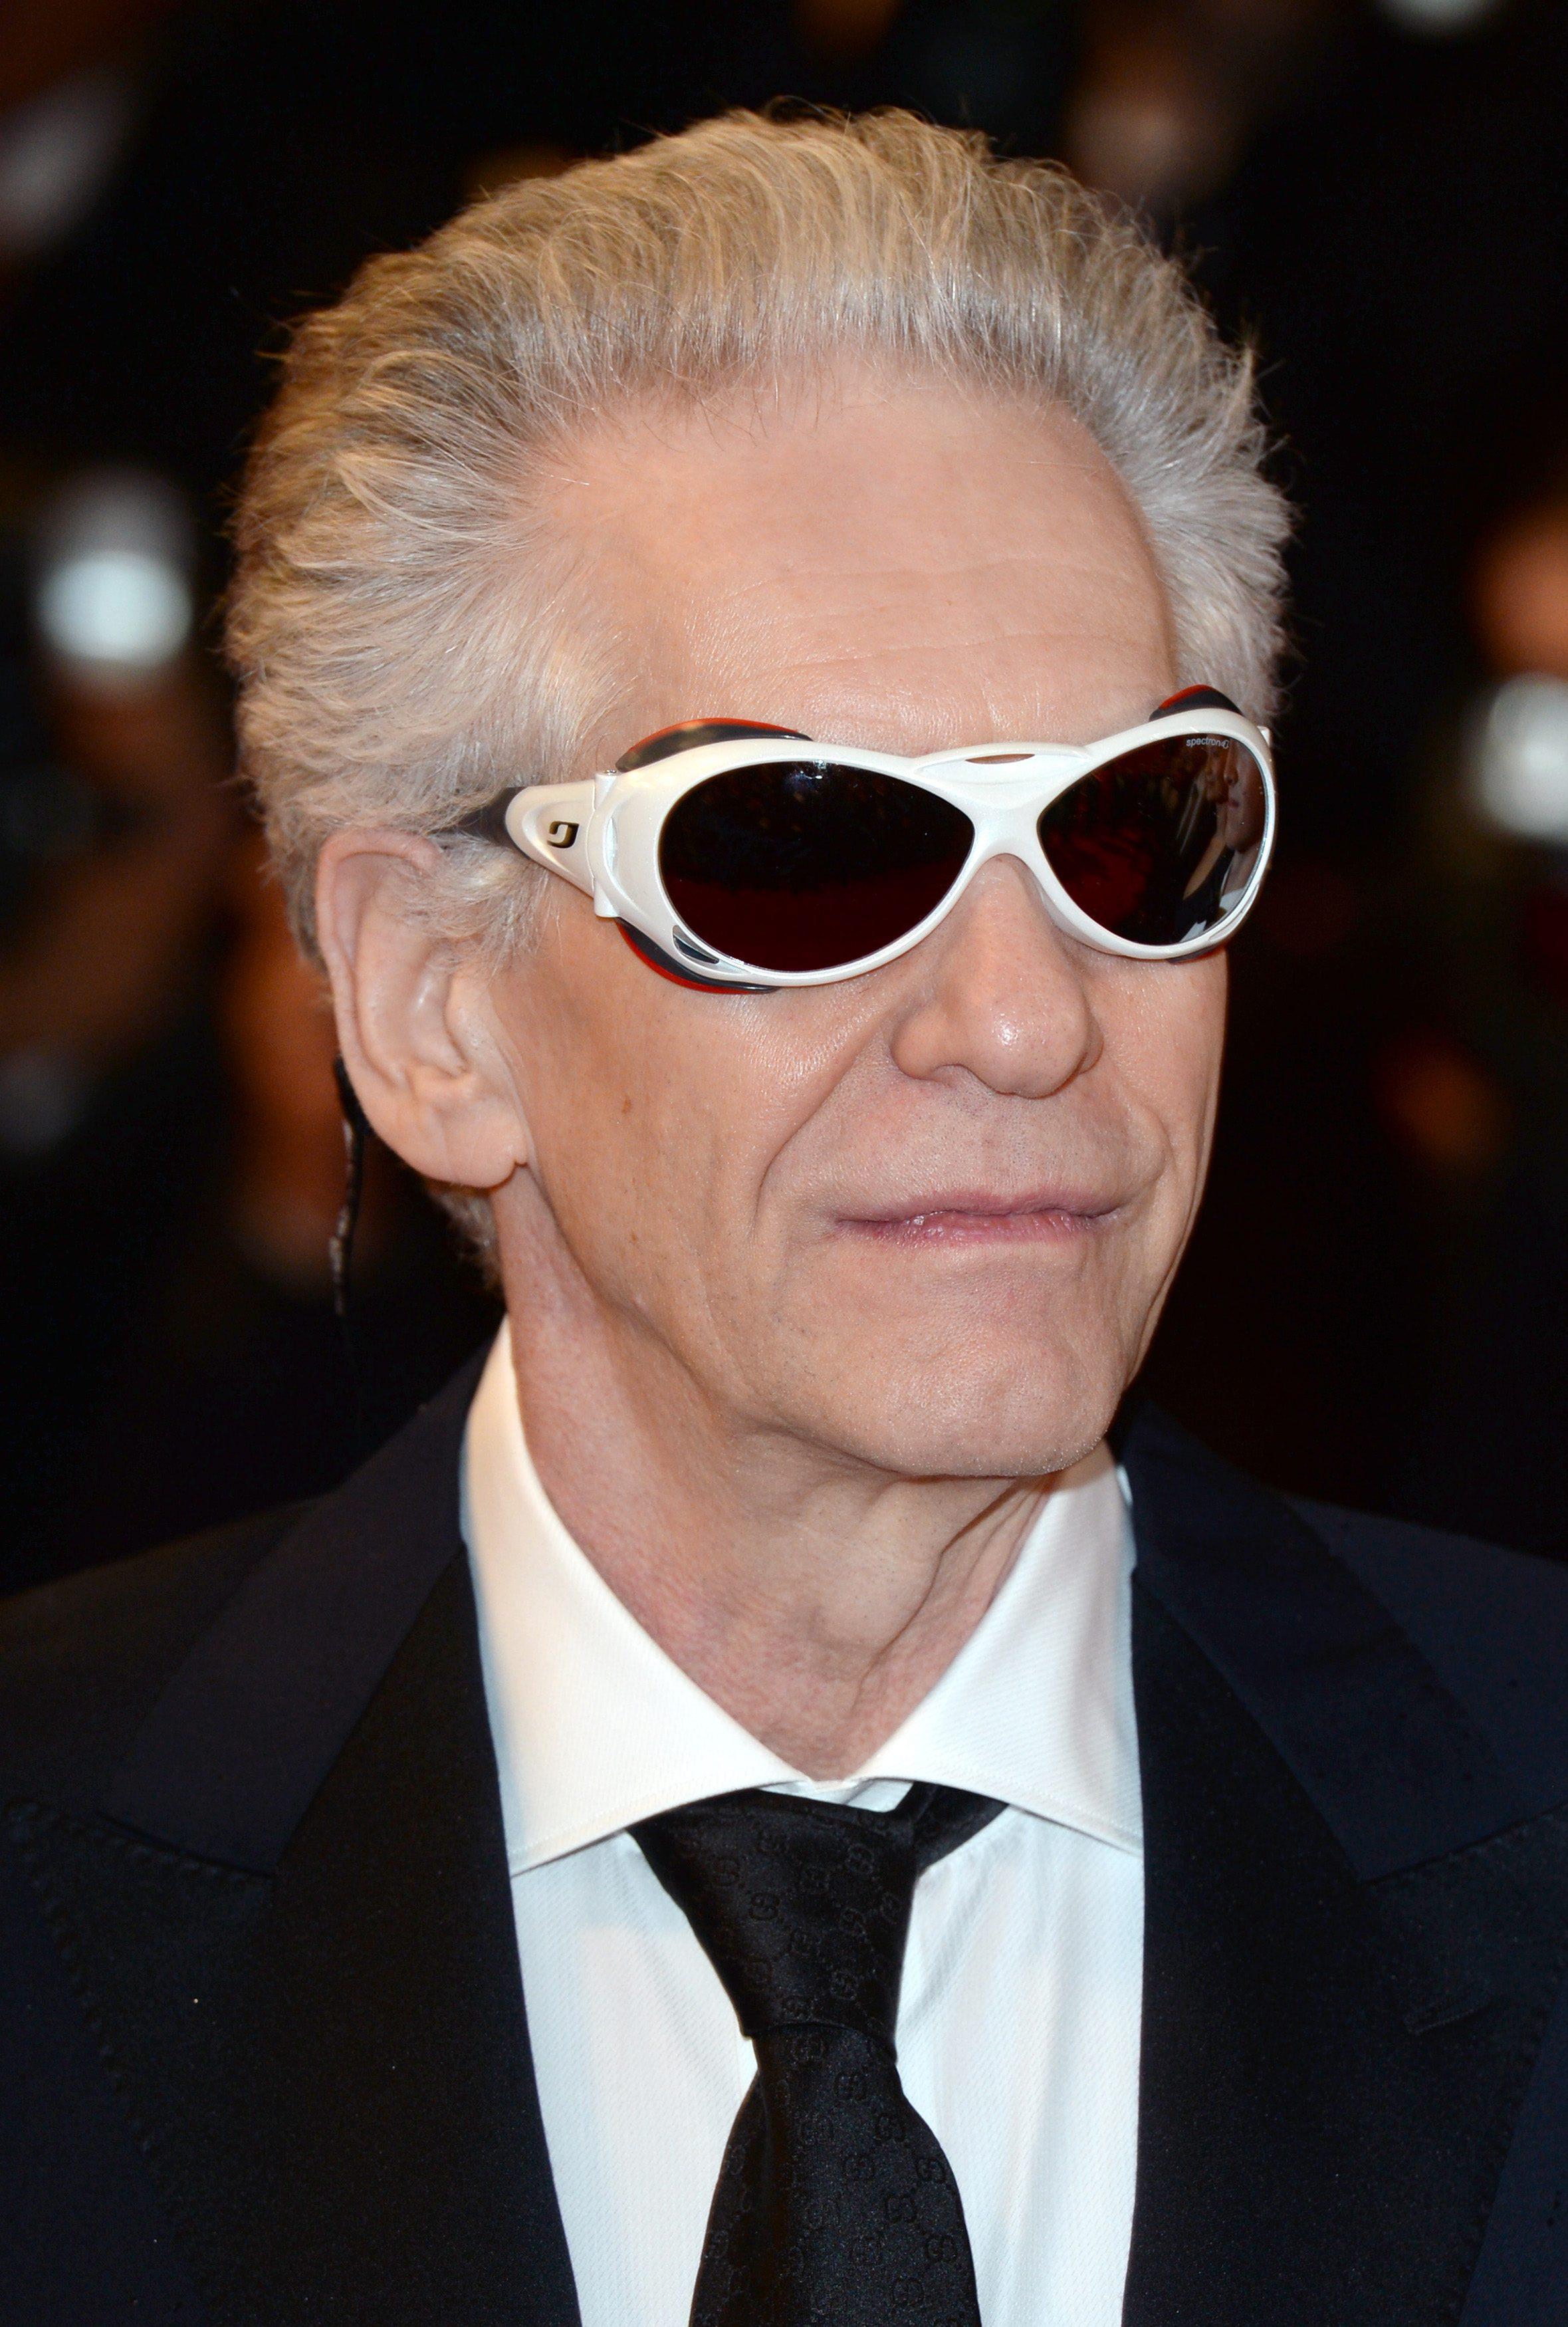 ¿Cuál es el mejor director de cine actual?